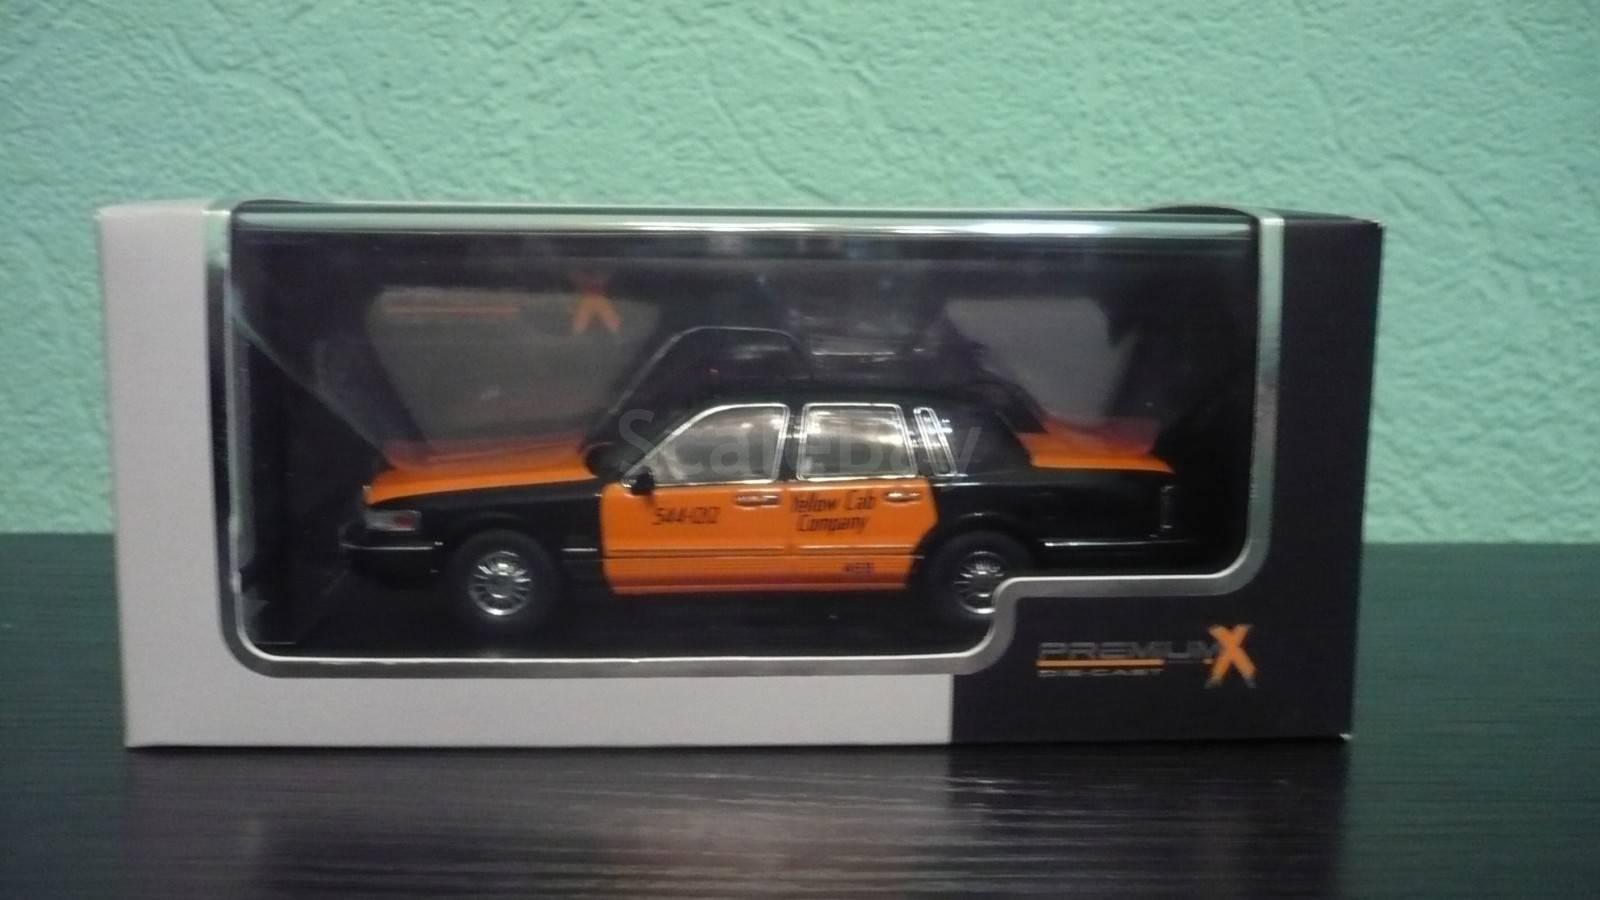 Lincoln Town Car Taxi 1996 Premium X 143